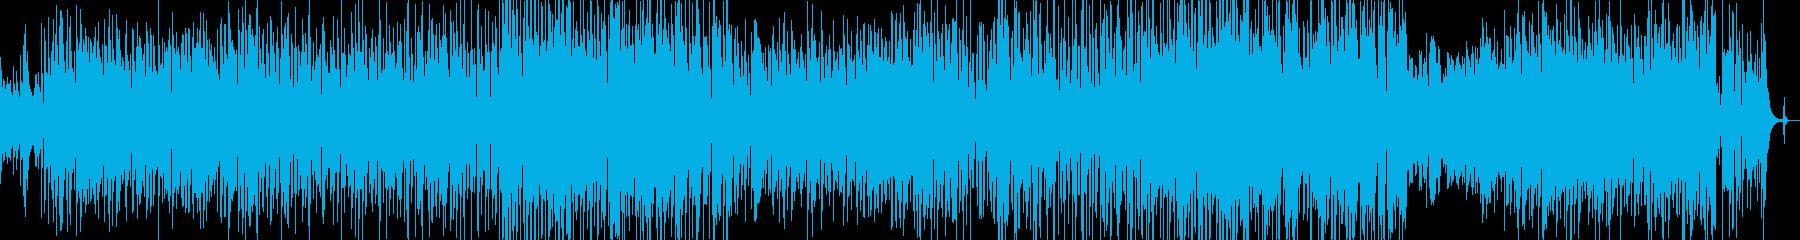 クリスマスシーズンのキラキラなスウィングの再生済みの波形